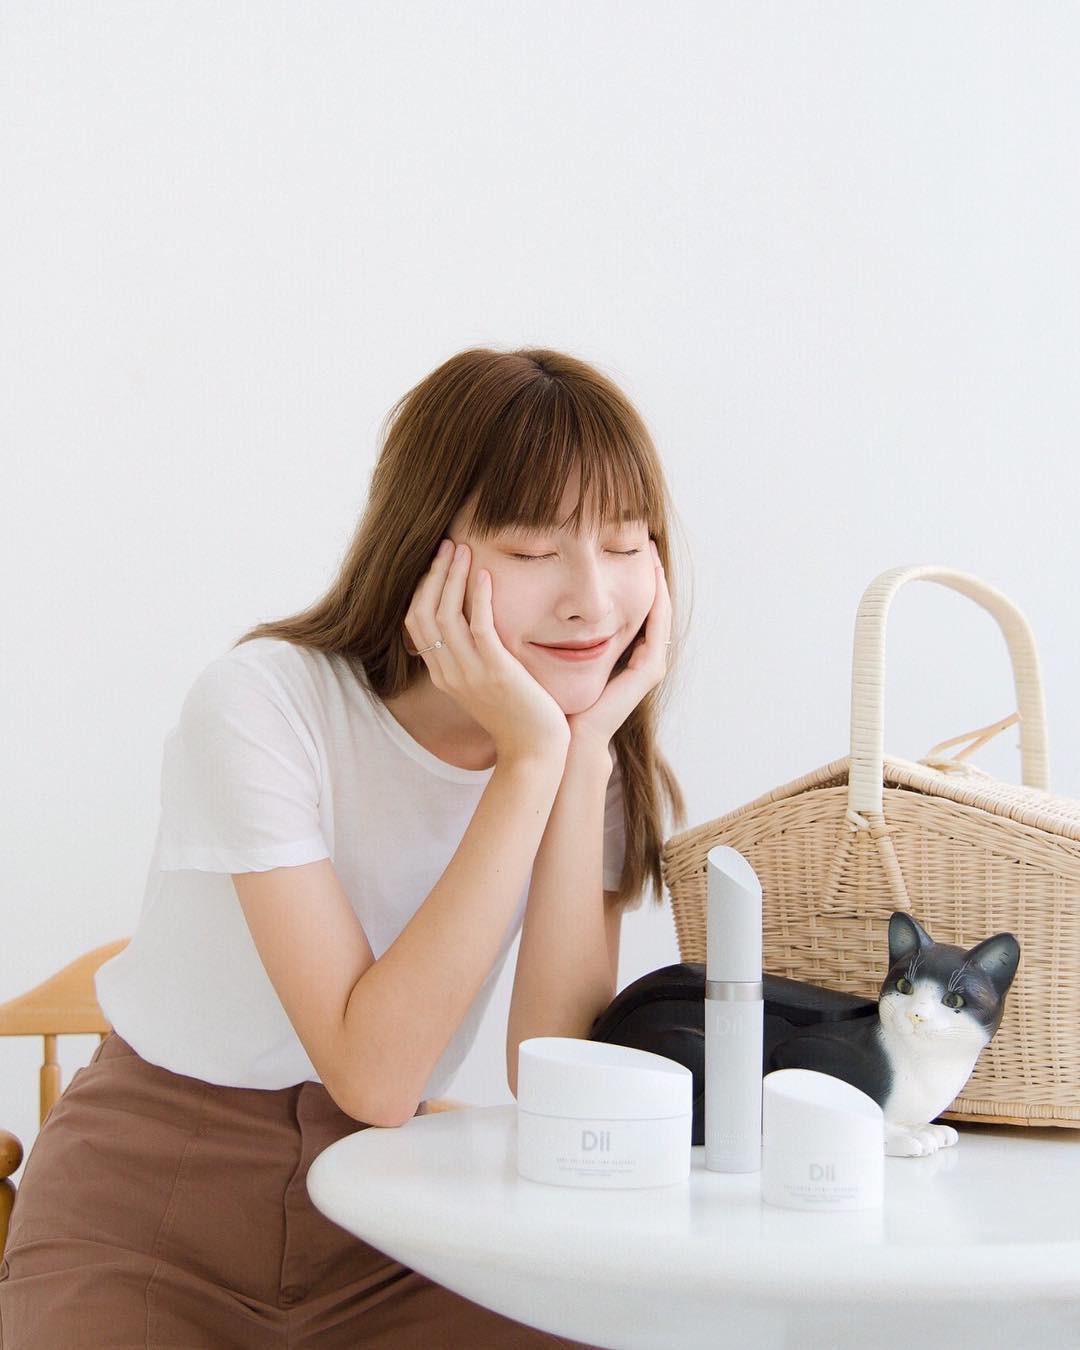 6 điều nàng da dầu nên làm khi chăm sóc da mùa hè để hạn chế mụn ghé thăm - Ảnh 2.